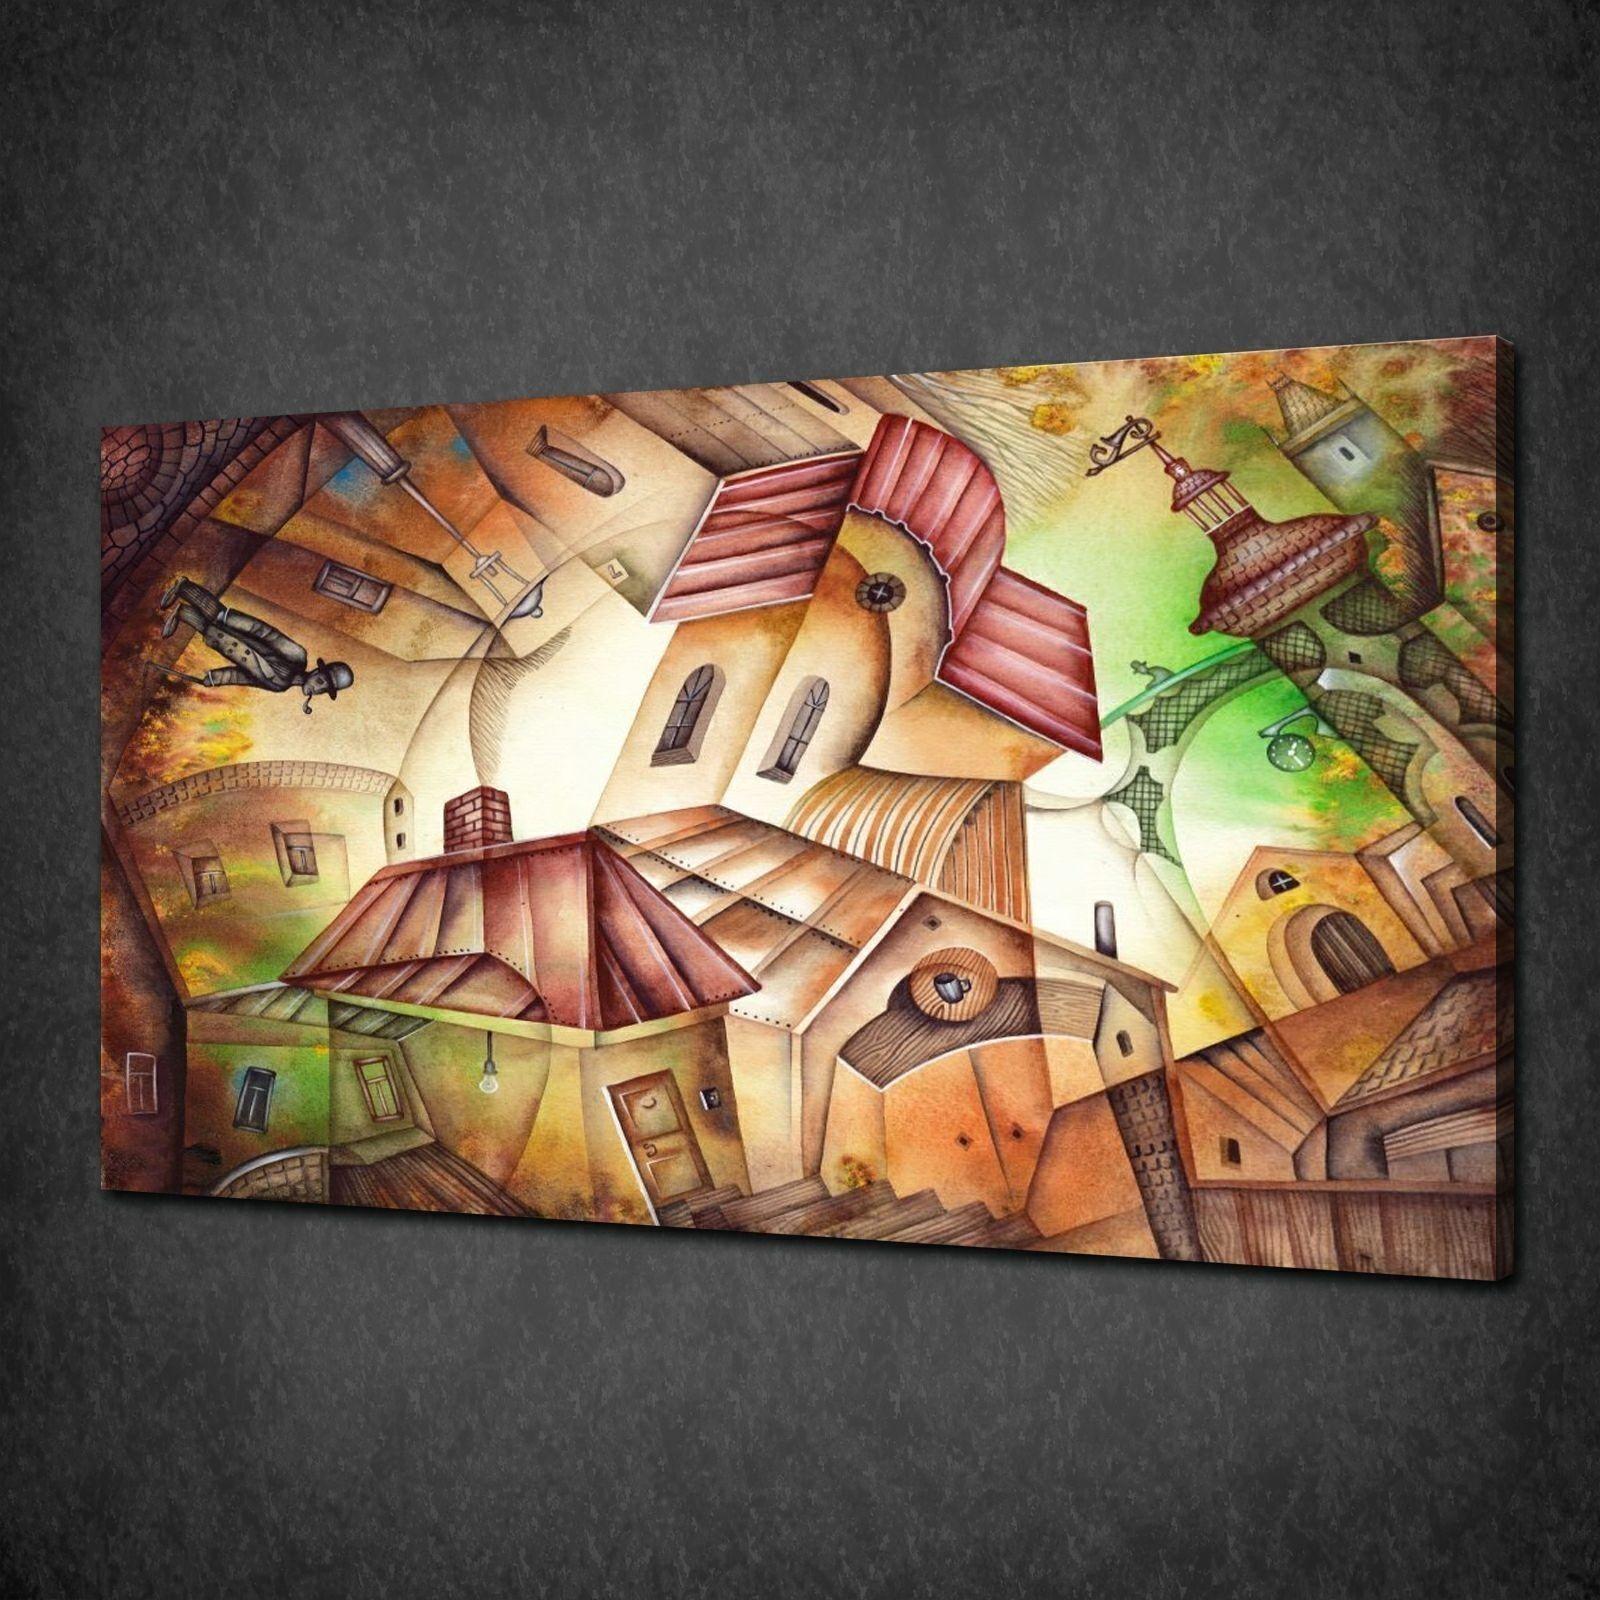 Cubisme art maisons modernes toile prêt à accrocher toile modernes impression photo wall art design 8717d6